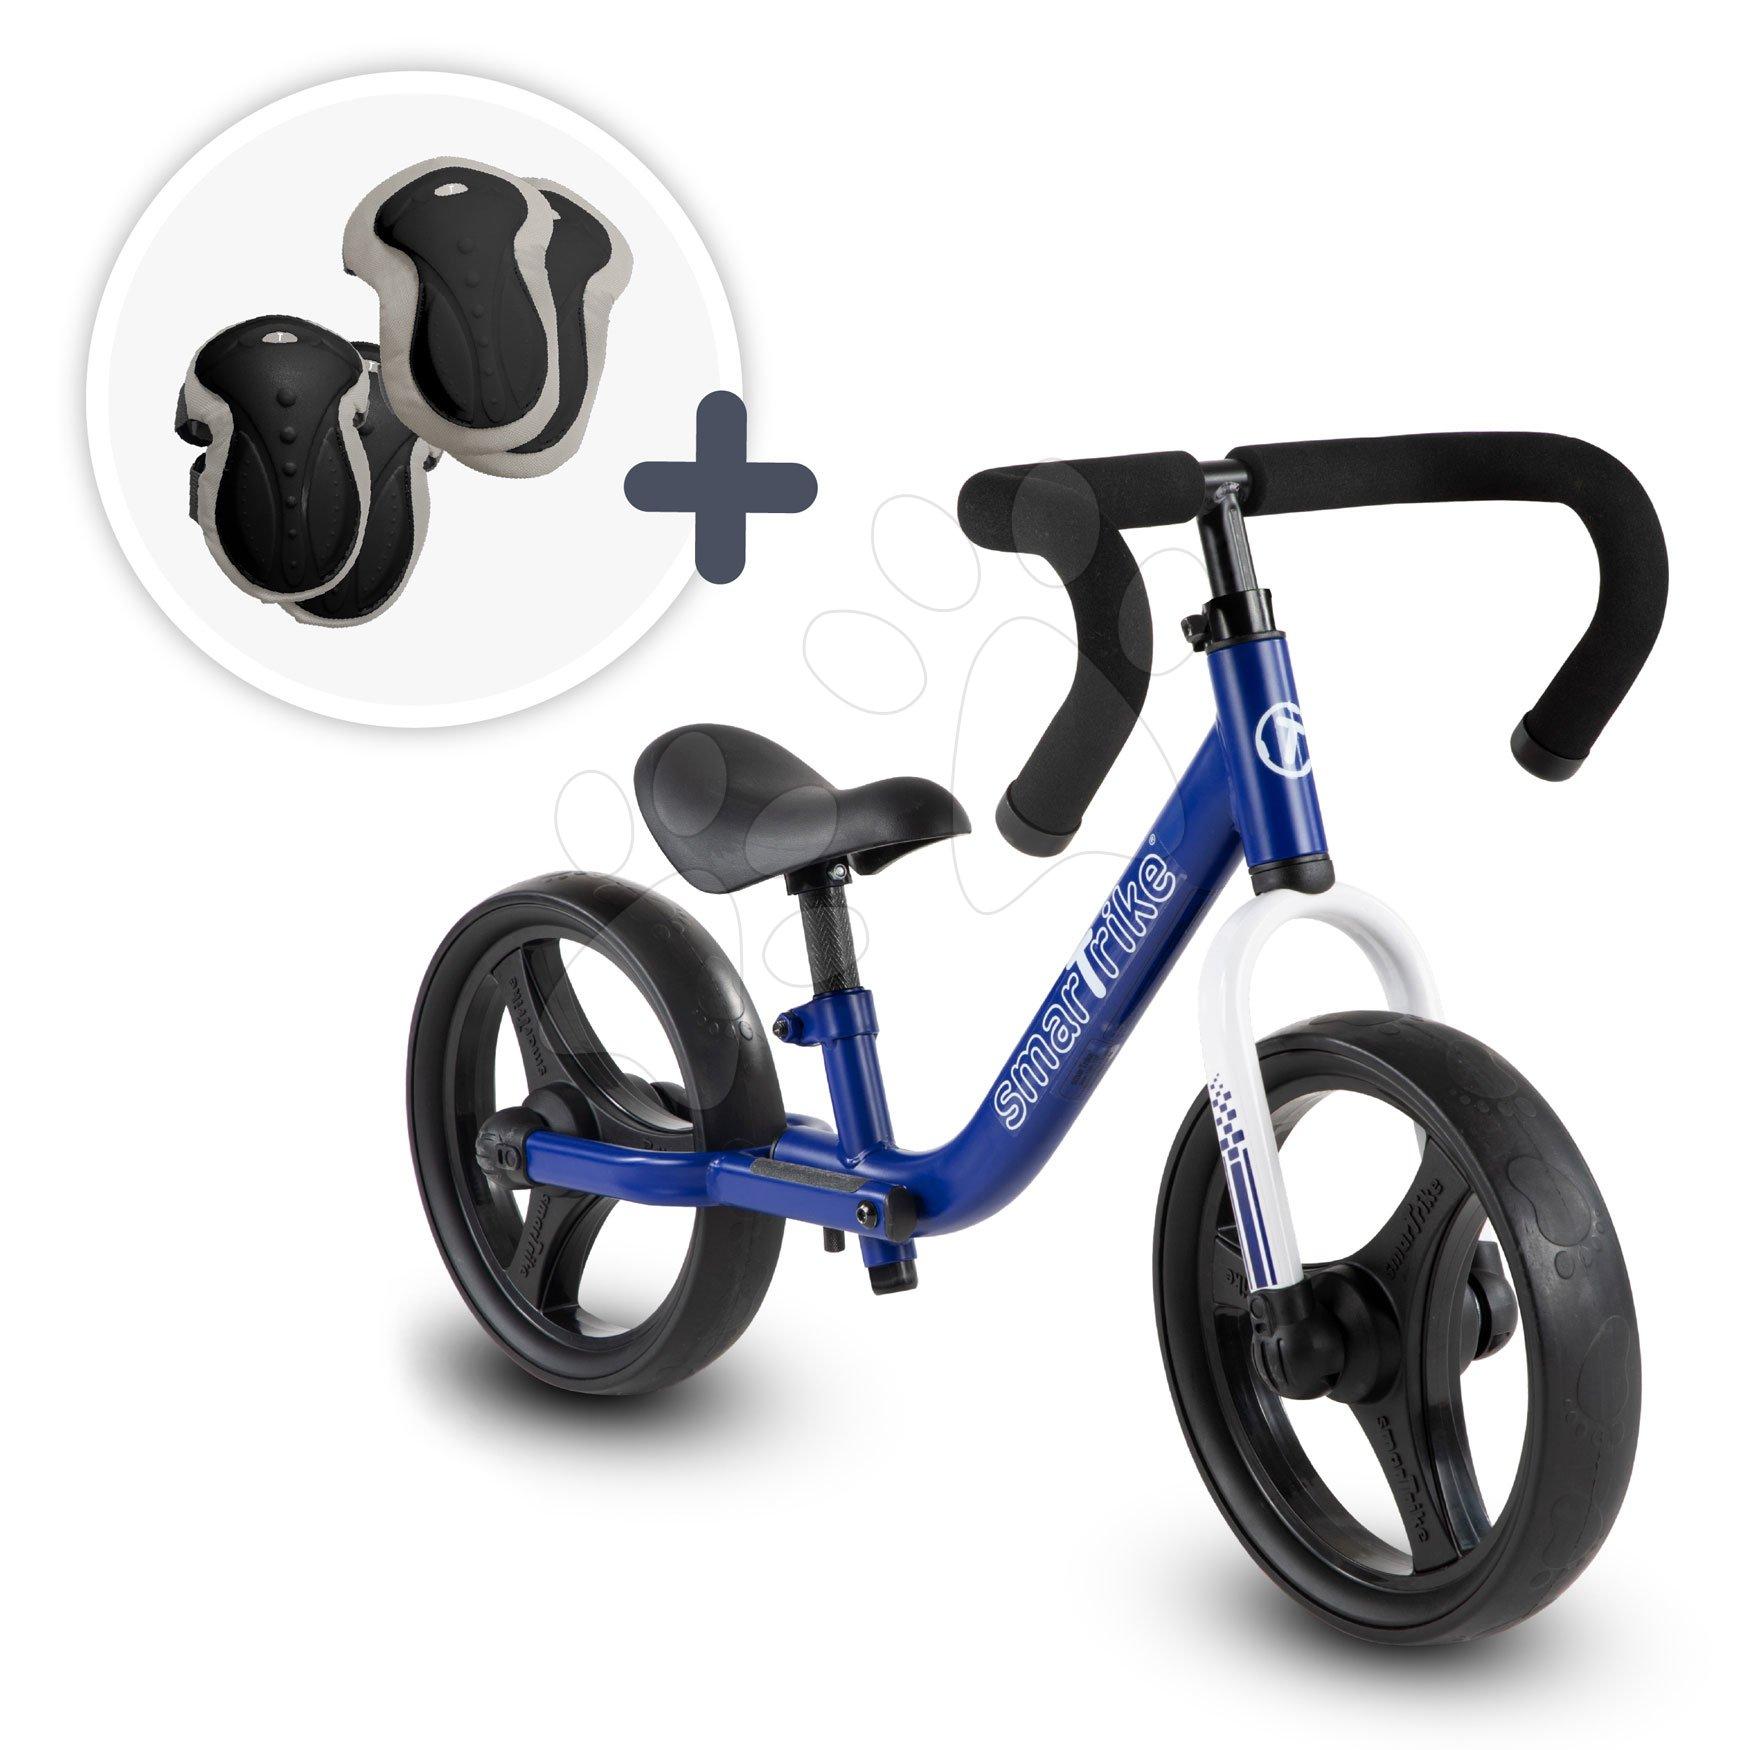 Balančné odrážadlo skladacie Folding Balance Bike Blue smarTrike modré z hliníka s ergonomickými úchytmi od 2-5 rokov a chrániče ako darček